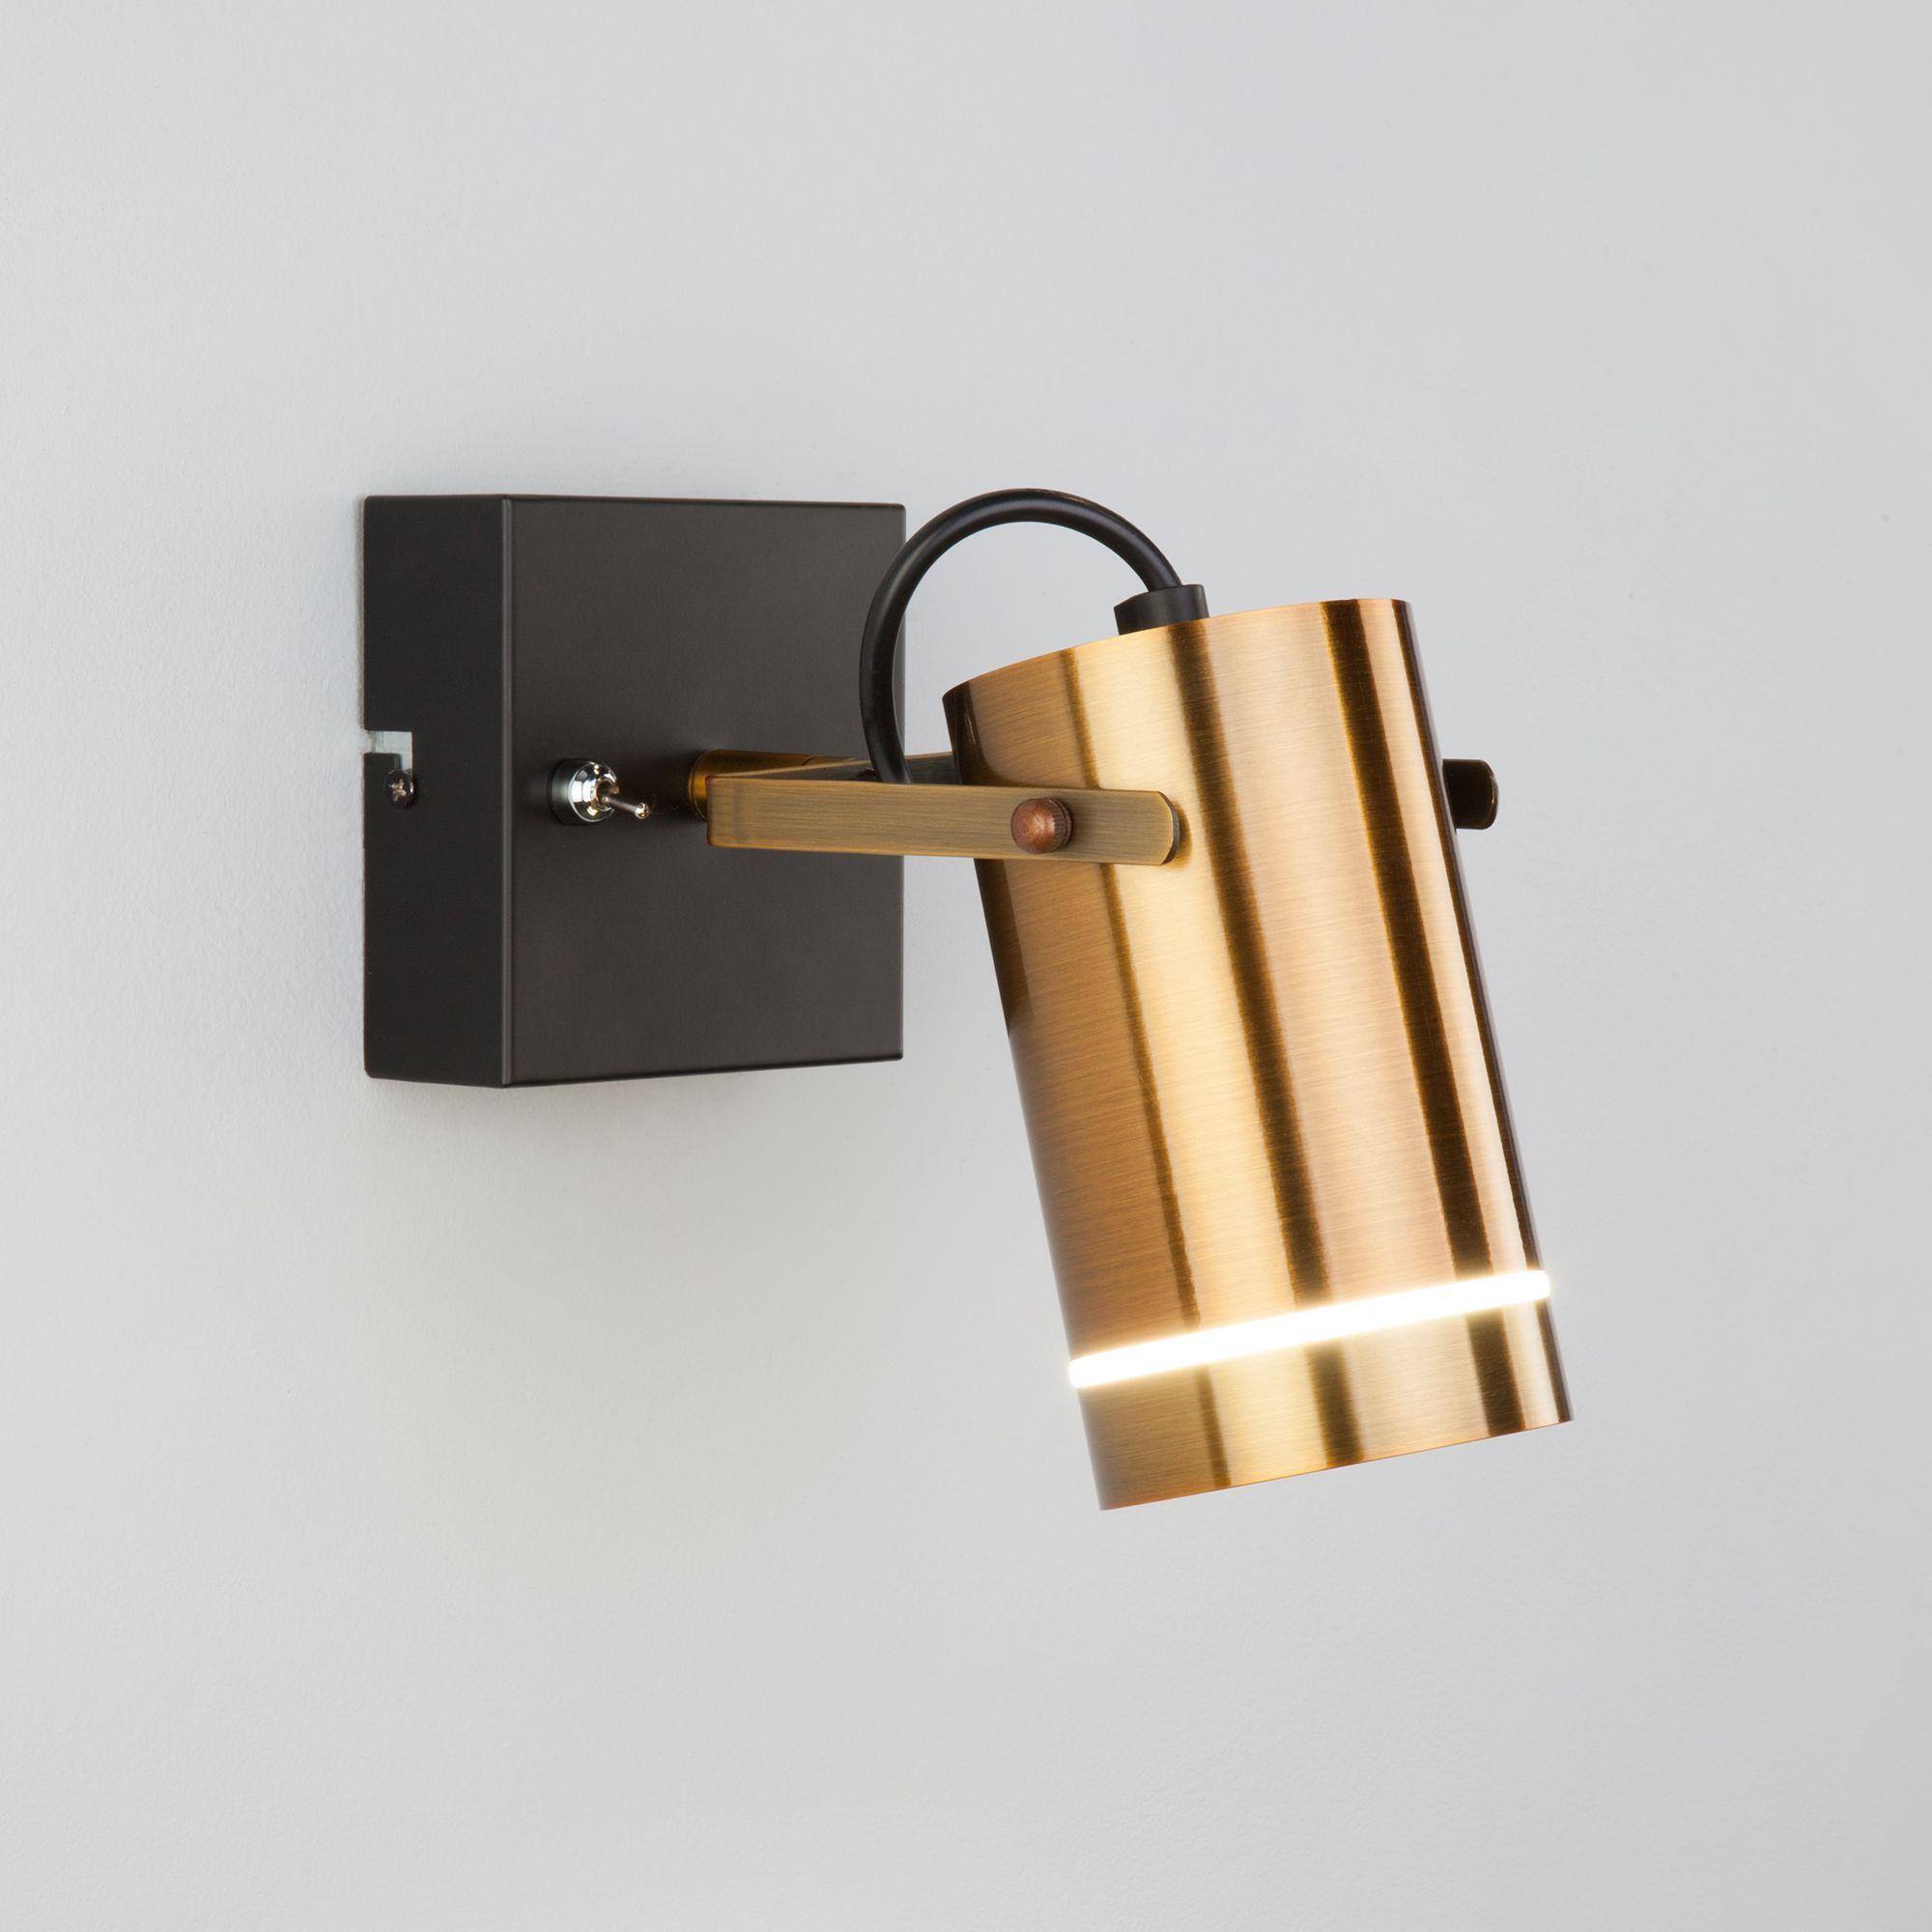 Светодиодный настенный светильник с поворотным плафоном 20063/1 античная бронза